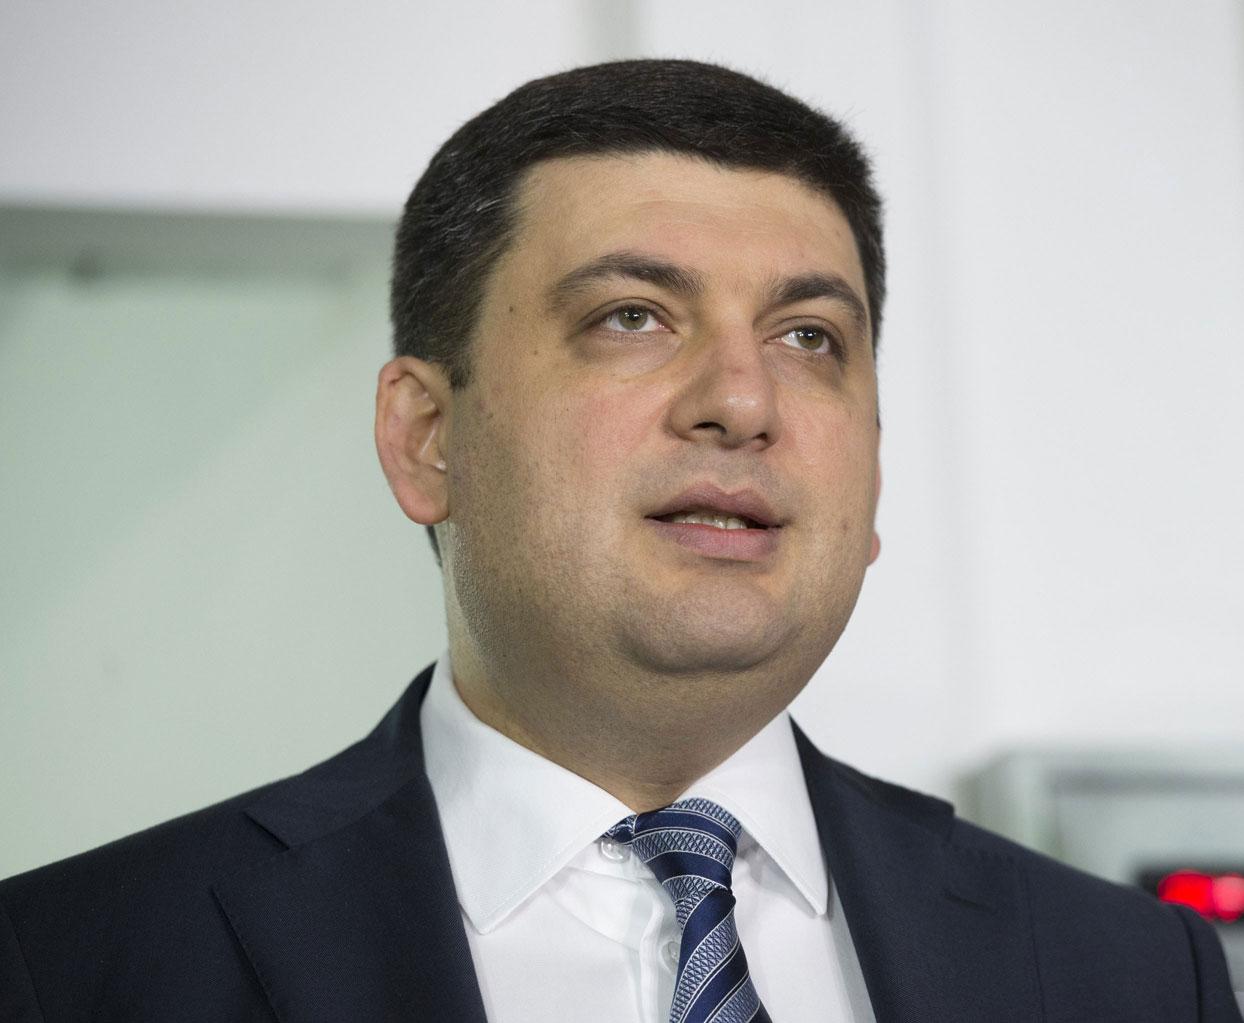 Премьер-министр Украины Владимир Гройсман, глава правительственной банды коррупционеров.